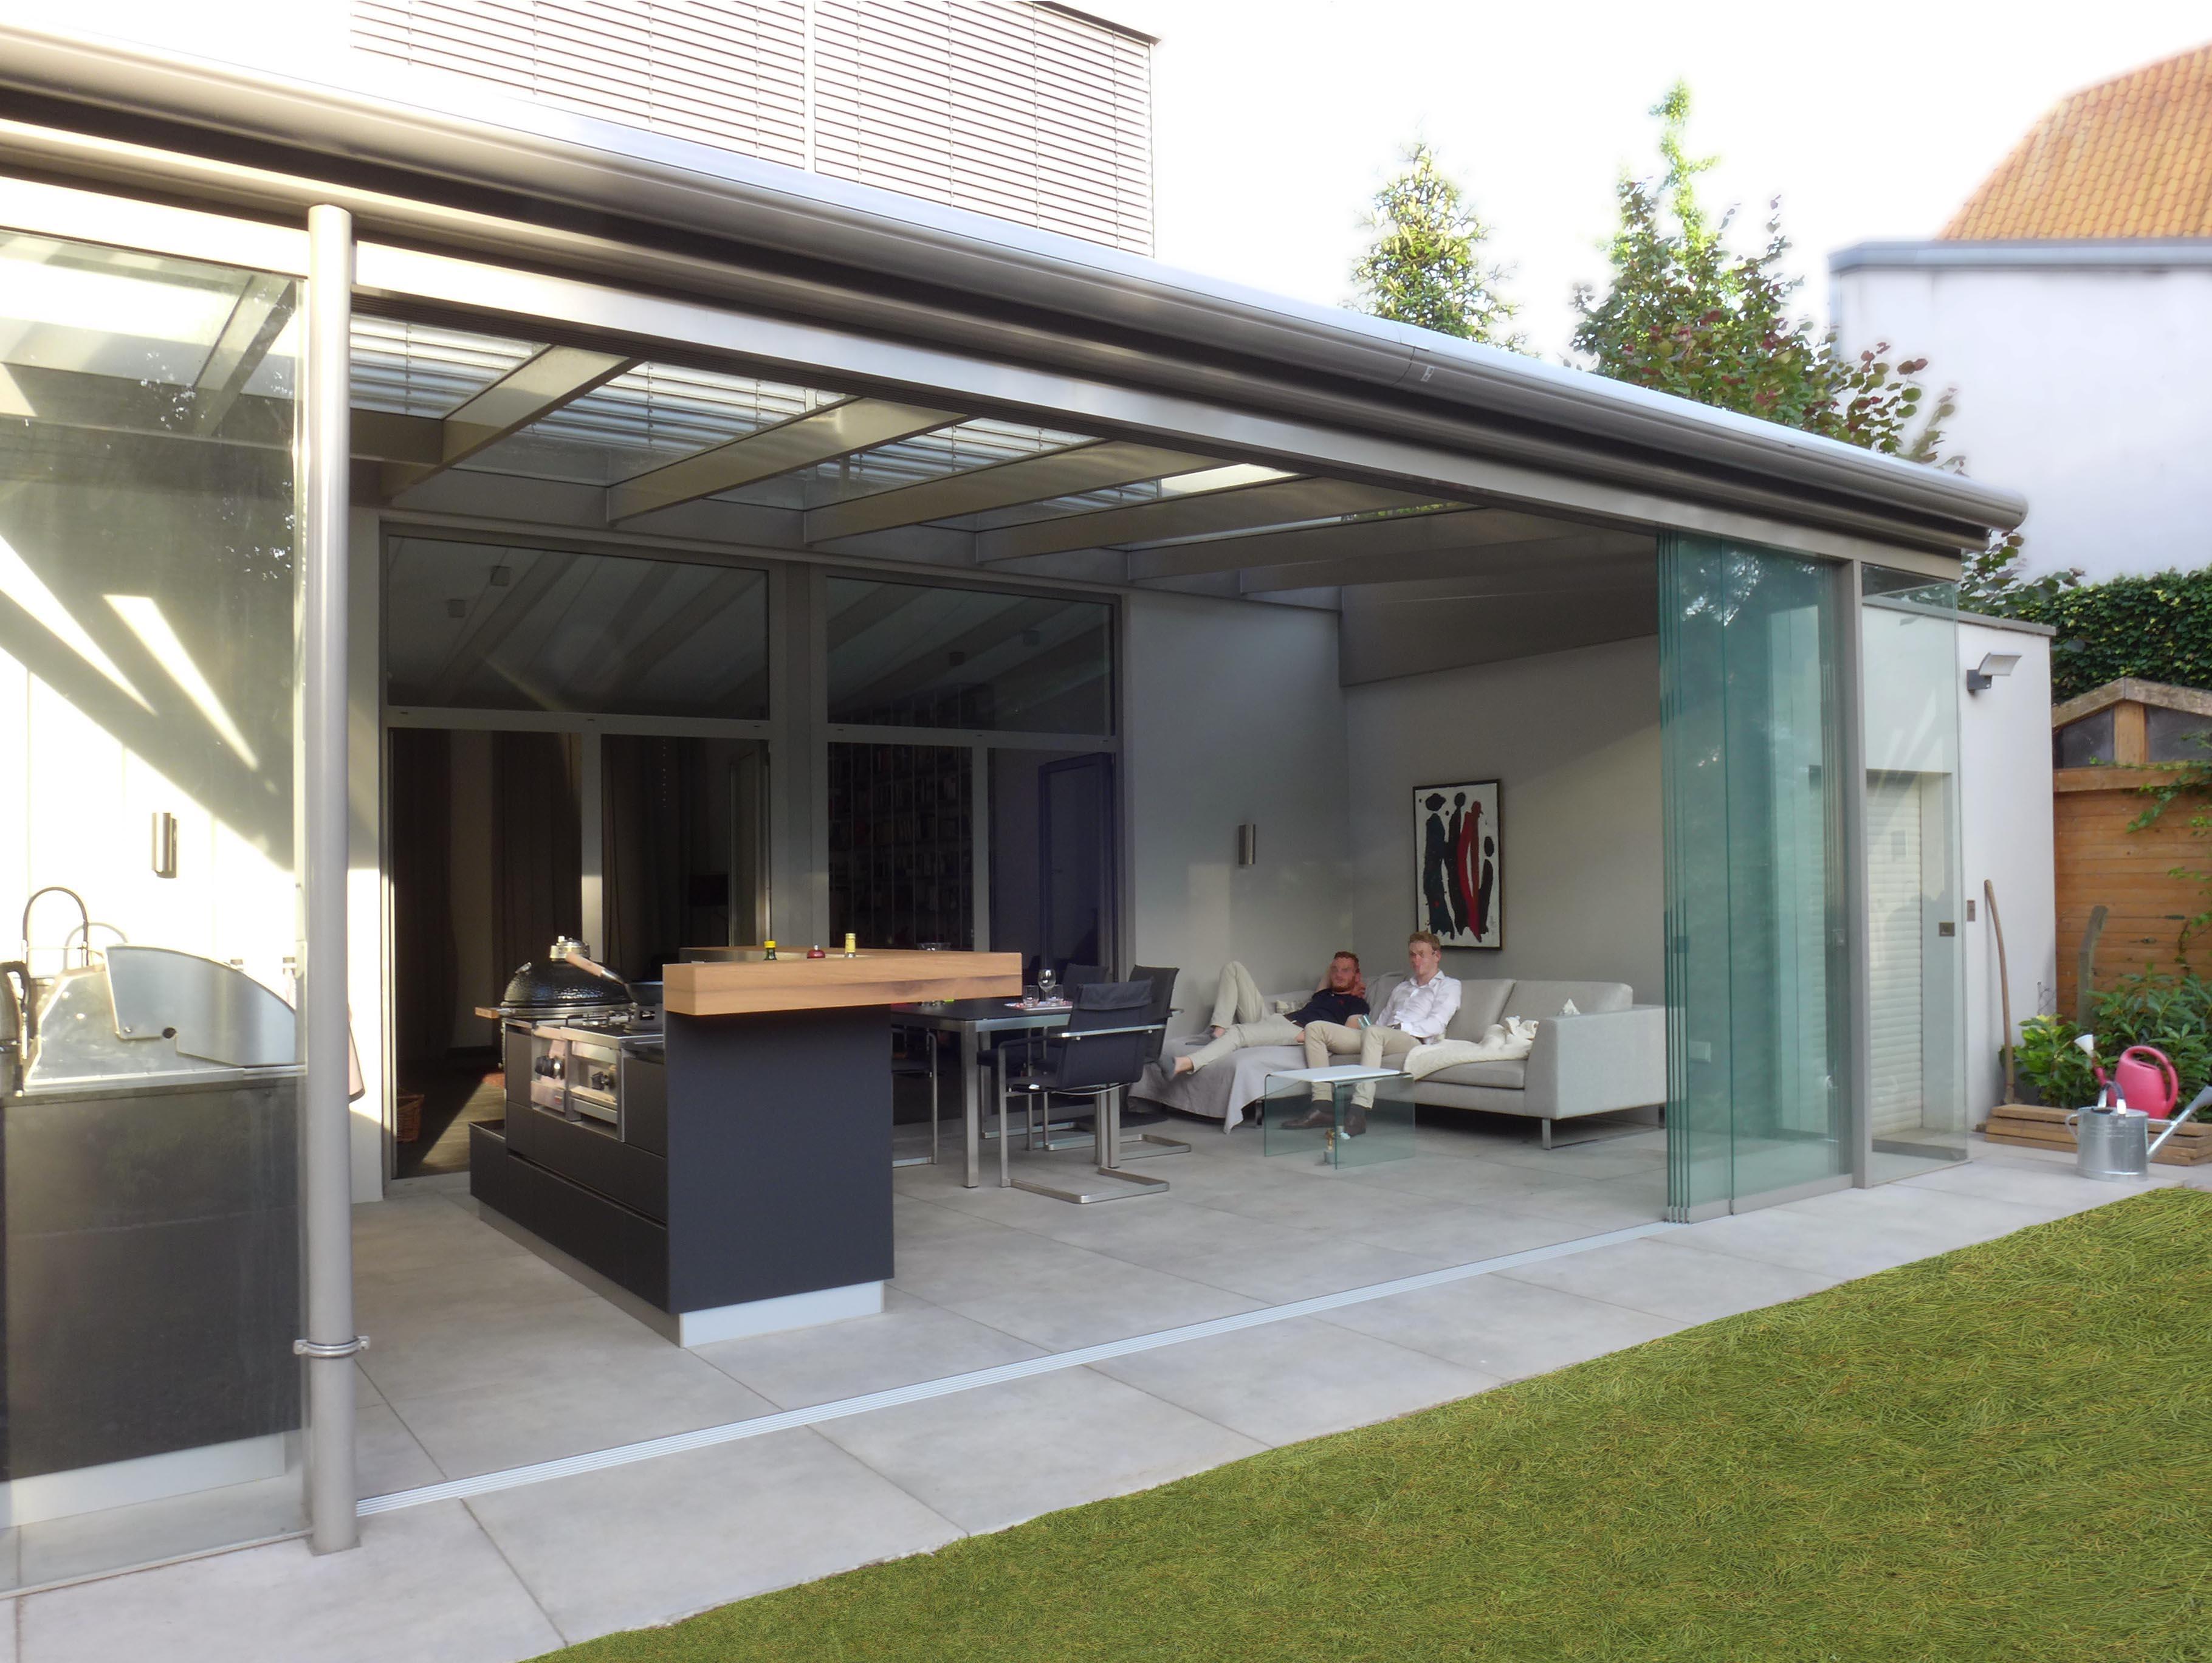 Outdoor Küchen Auersperg : Bilder outdoor küche ikea küche ringhult wand hinter